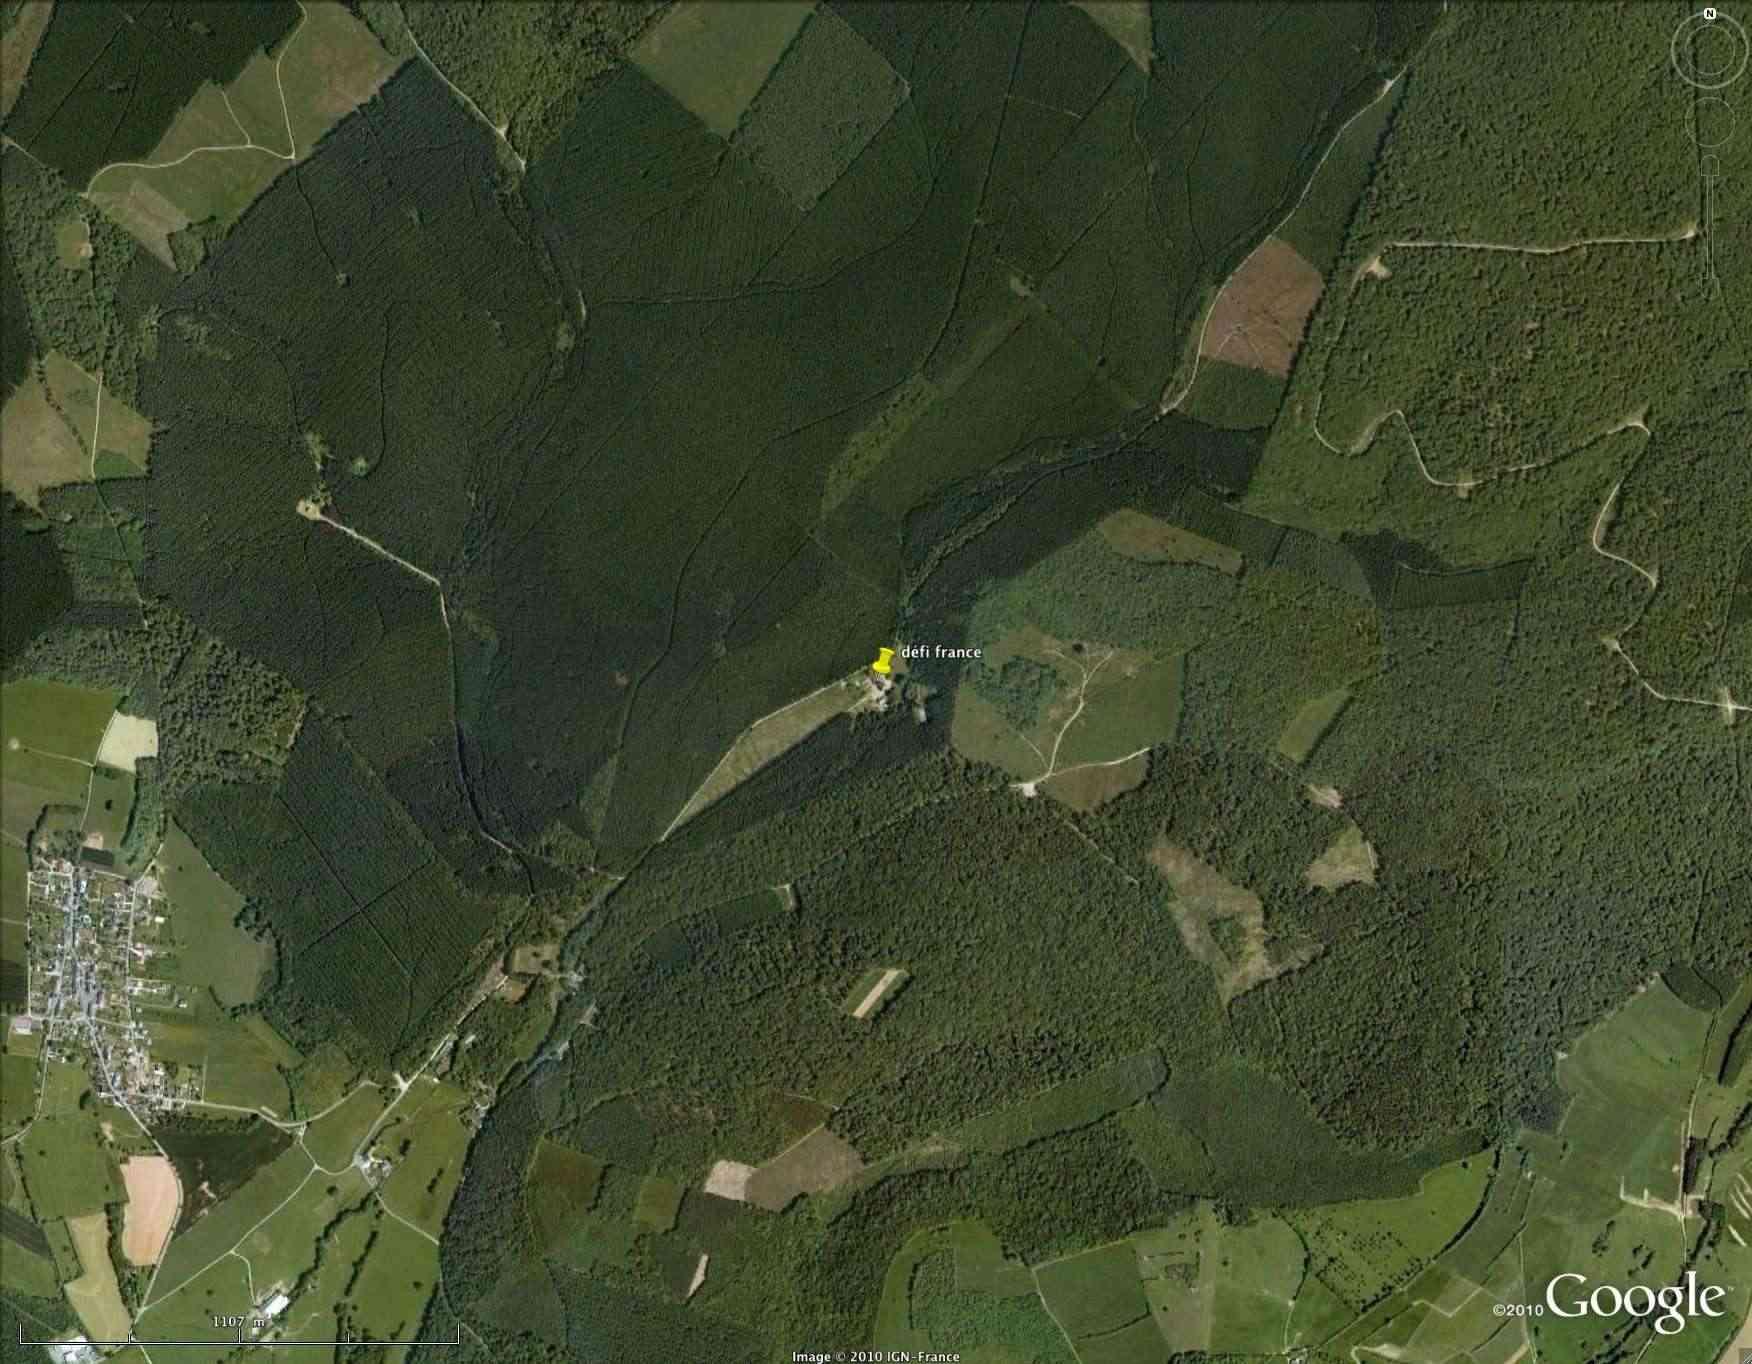 DEFIS ZOOM FRANCE 87 à 155 (Septembre 2010/Juin 2012) - Page 3 Df310